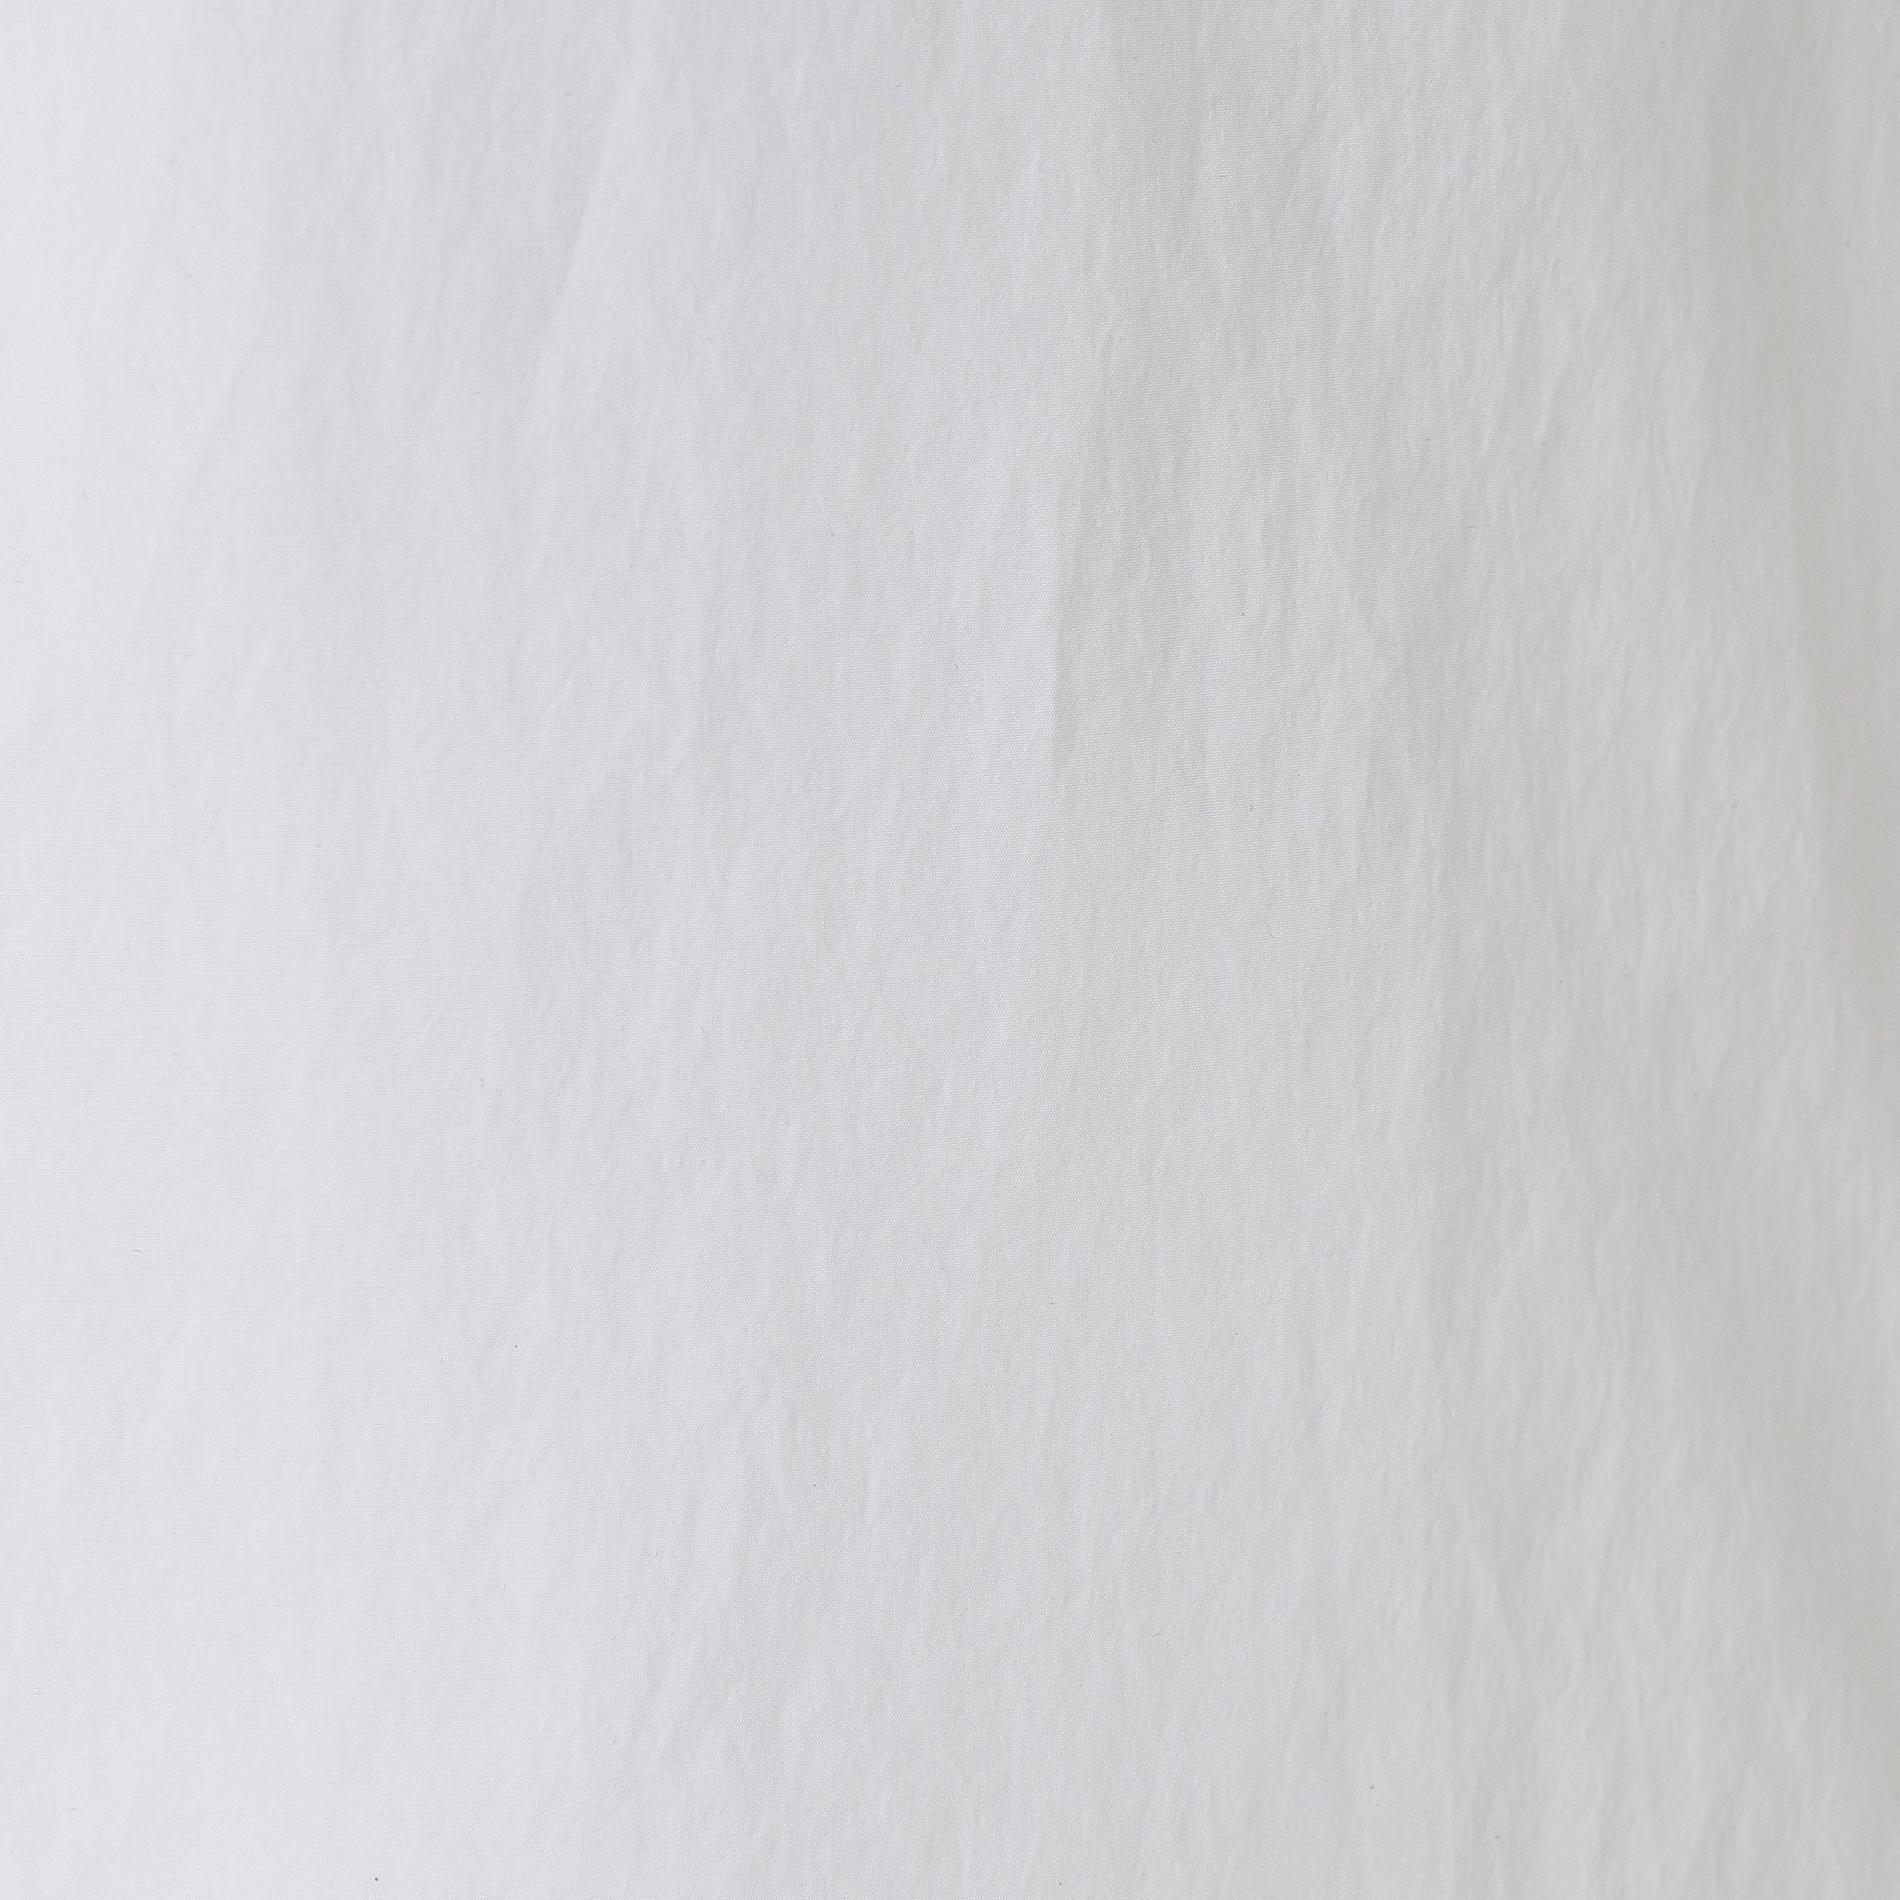 【MACKINTOSH】【MEIGLE】ロングレインコート